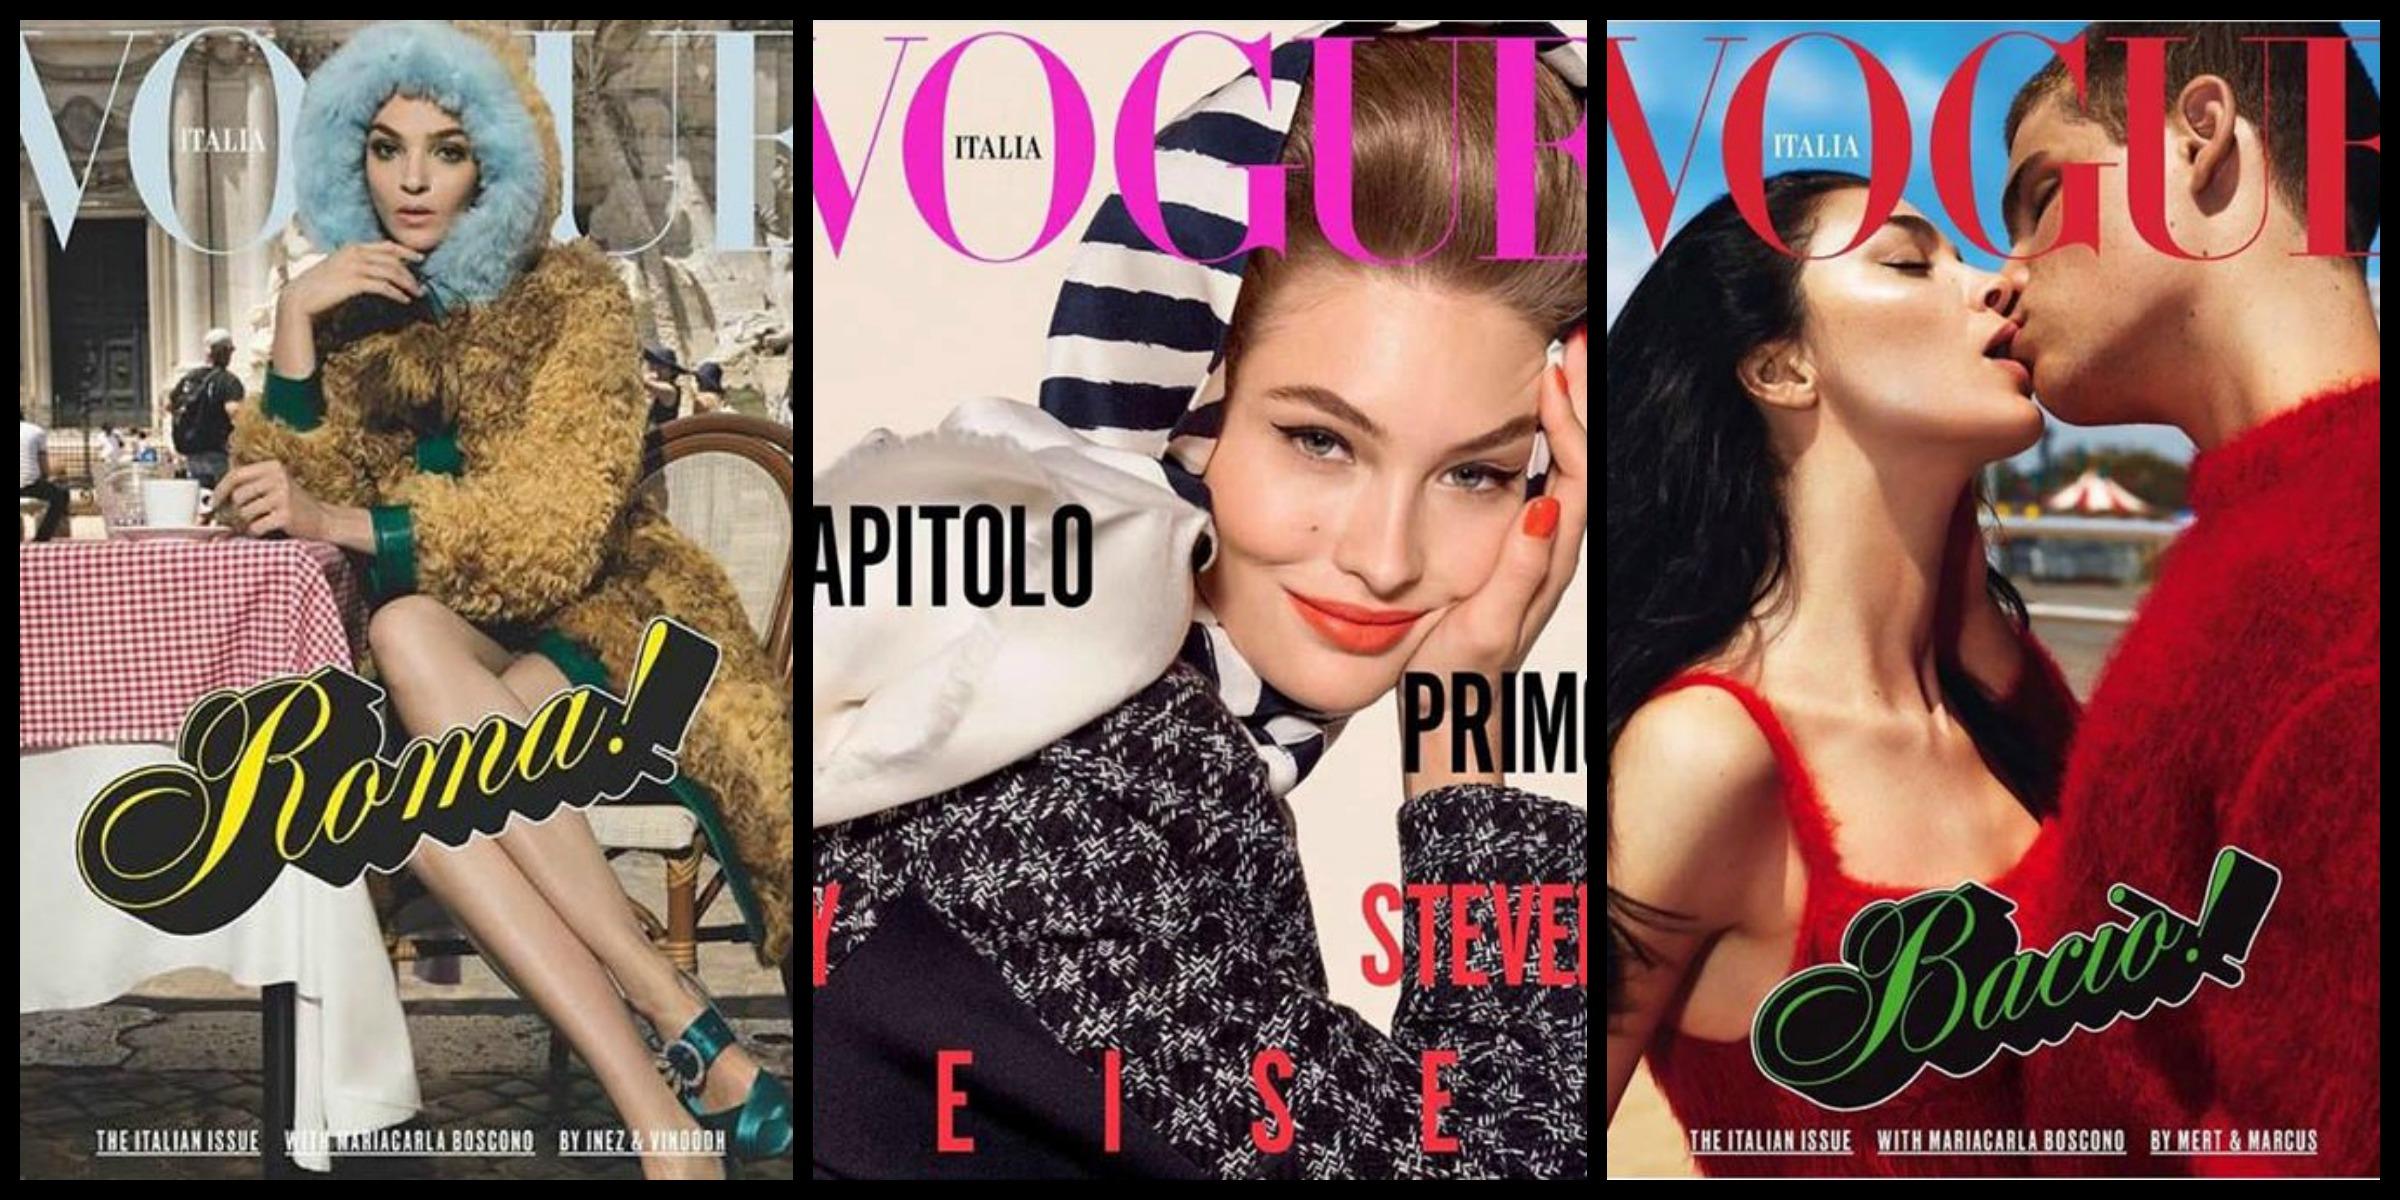 Nuovo Vogue